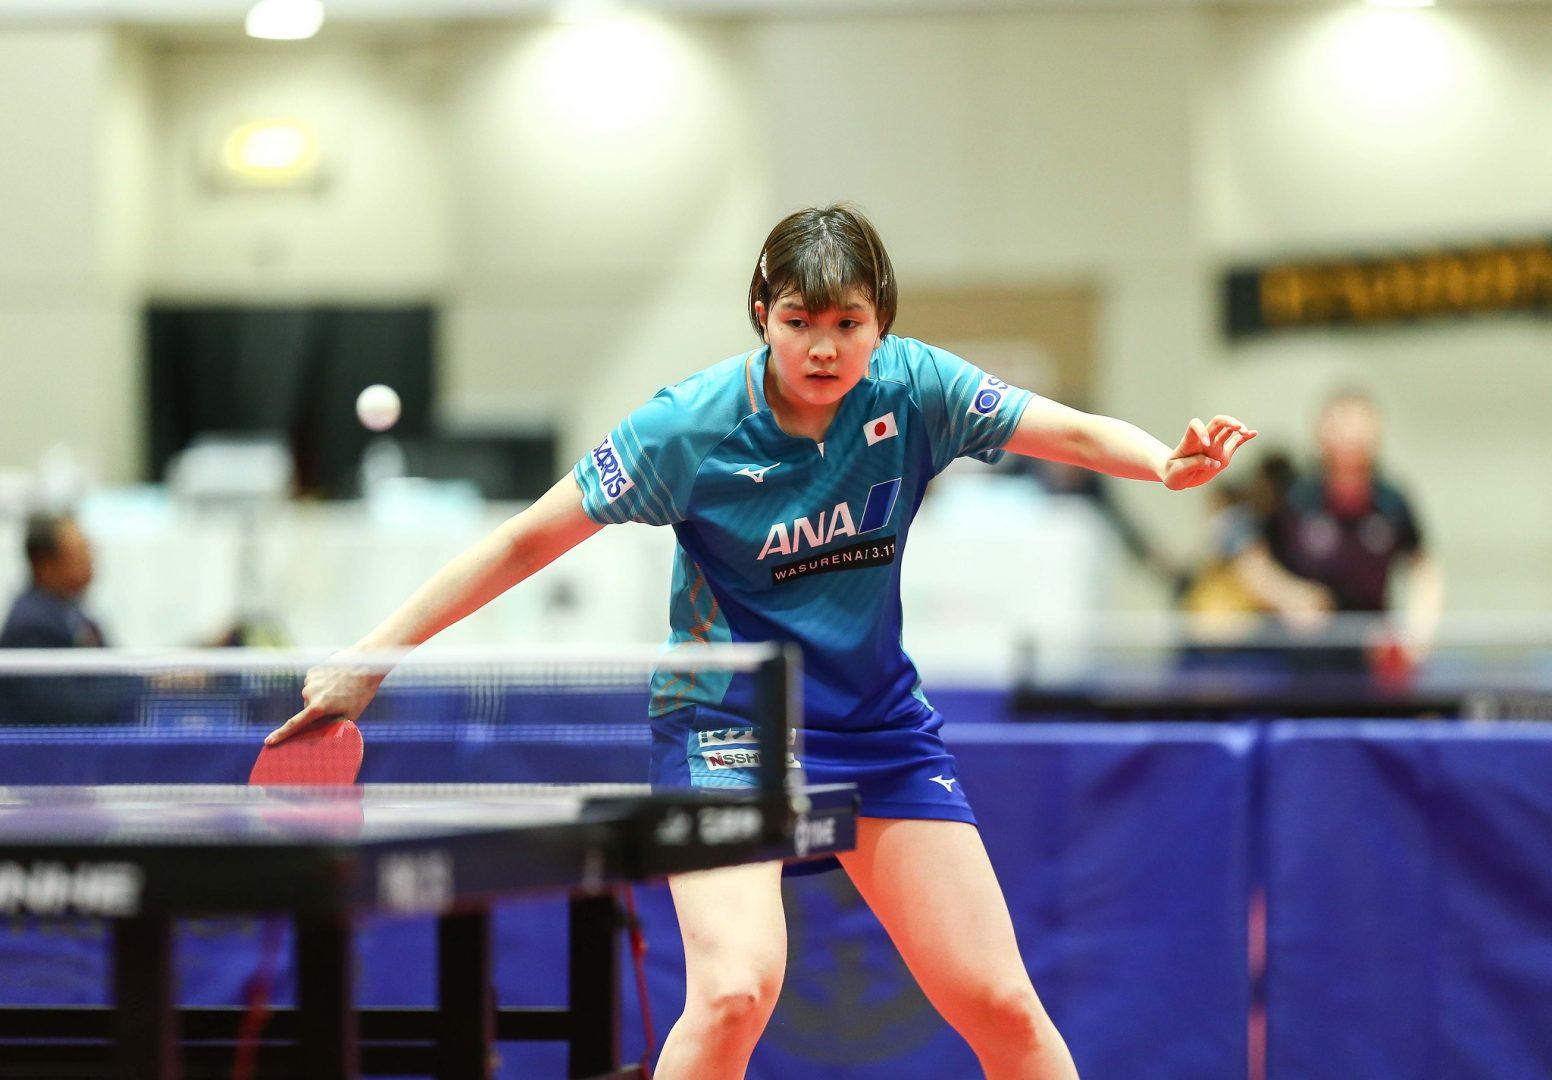 【卓球】女子シングルス4強は日本選手が独占 準決勝は佐藤と橋本のカットマン対決<タイOP>